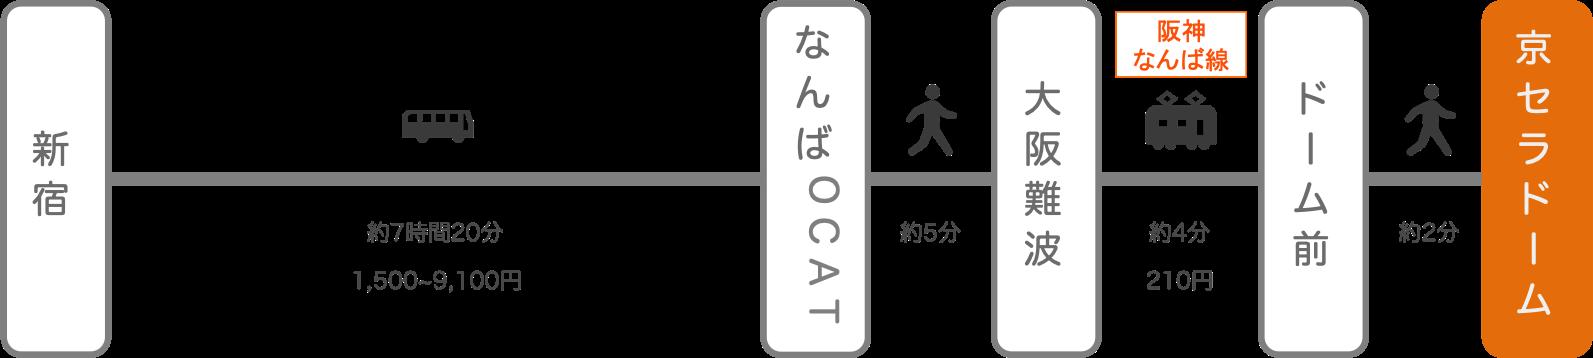 京セラドーム_新宿(東京)_高速バス